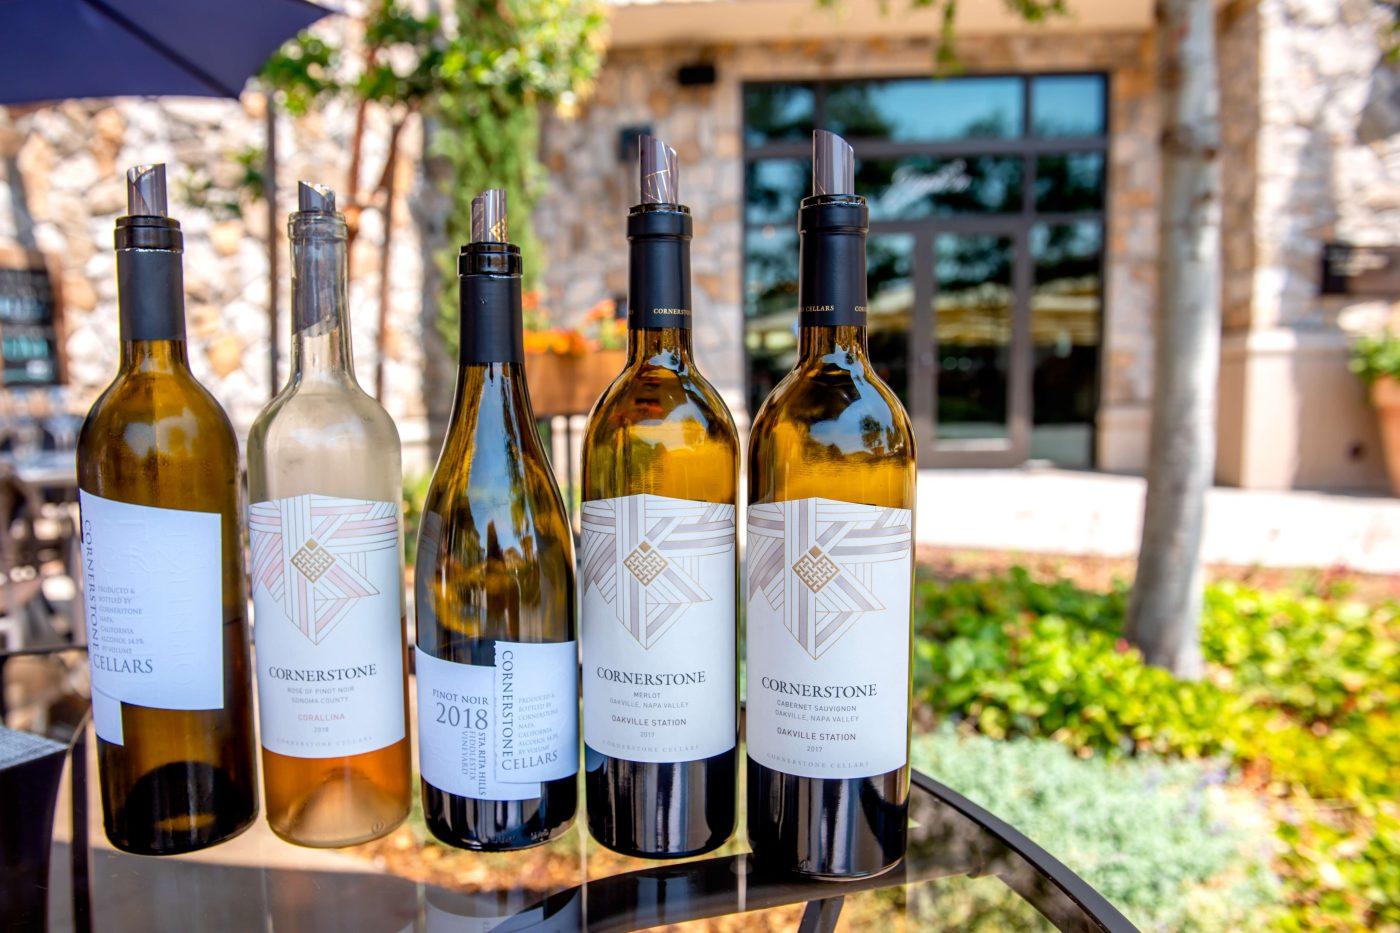 Cornerstone Wines